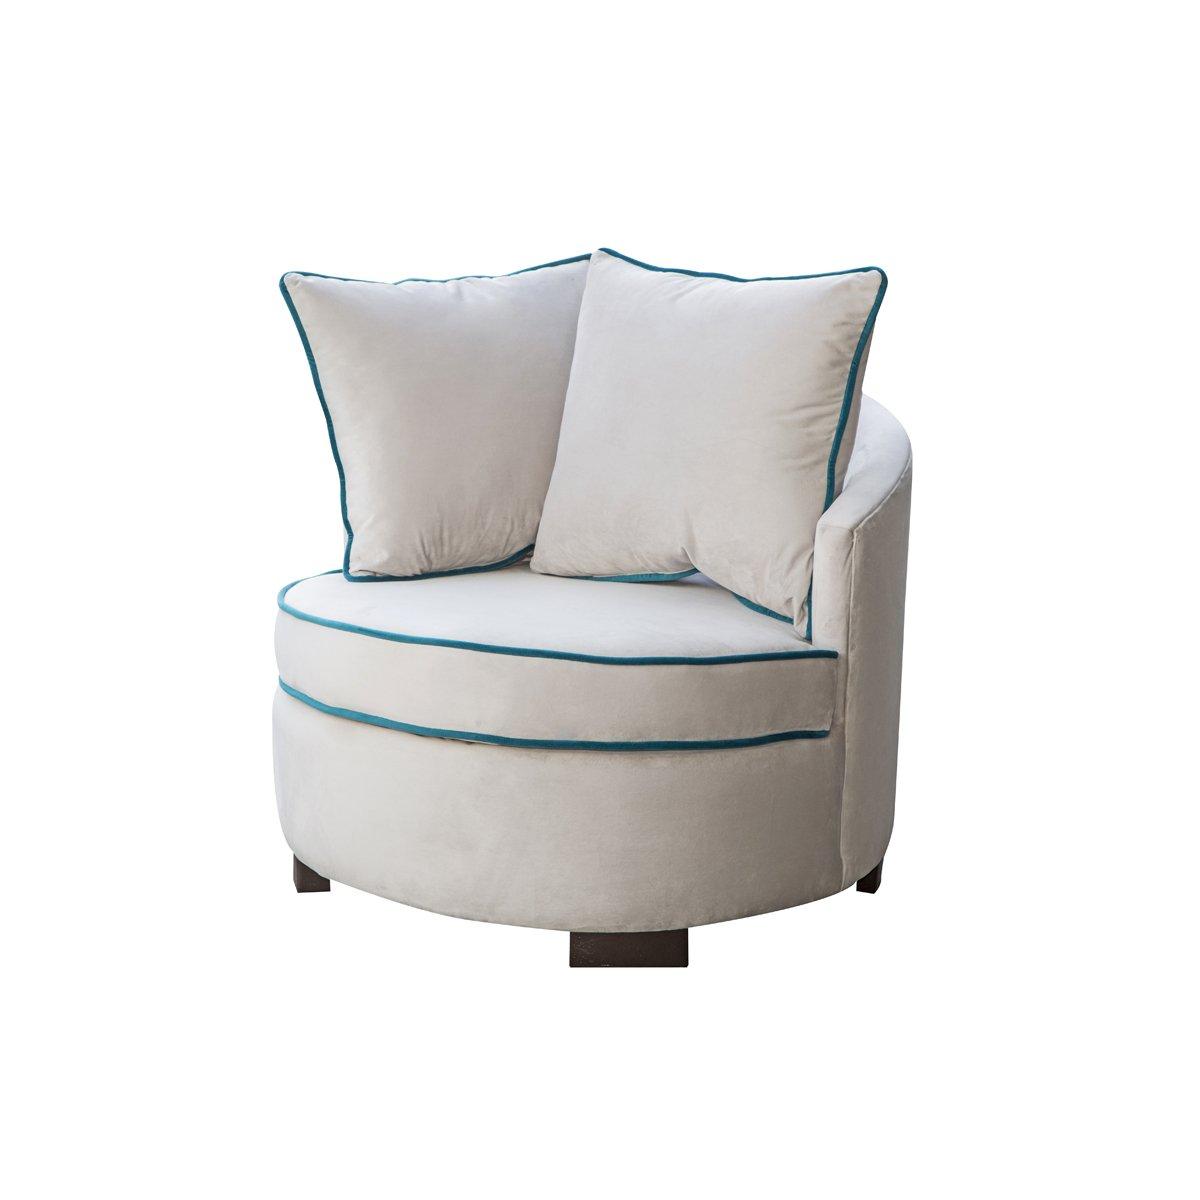 Sillones redondos silln redondo sofa with sillones for Sofa exterior redondo